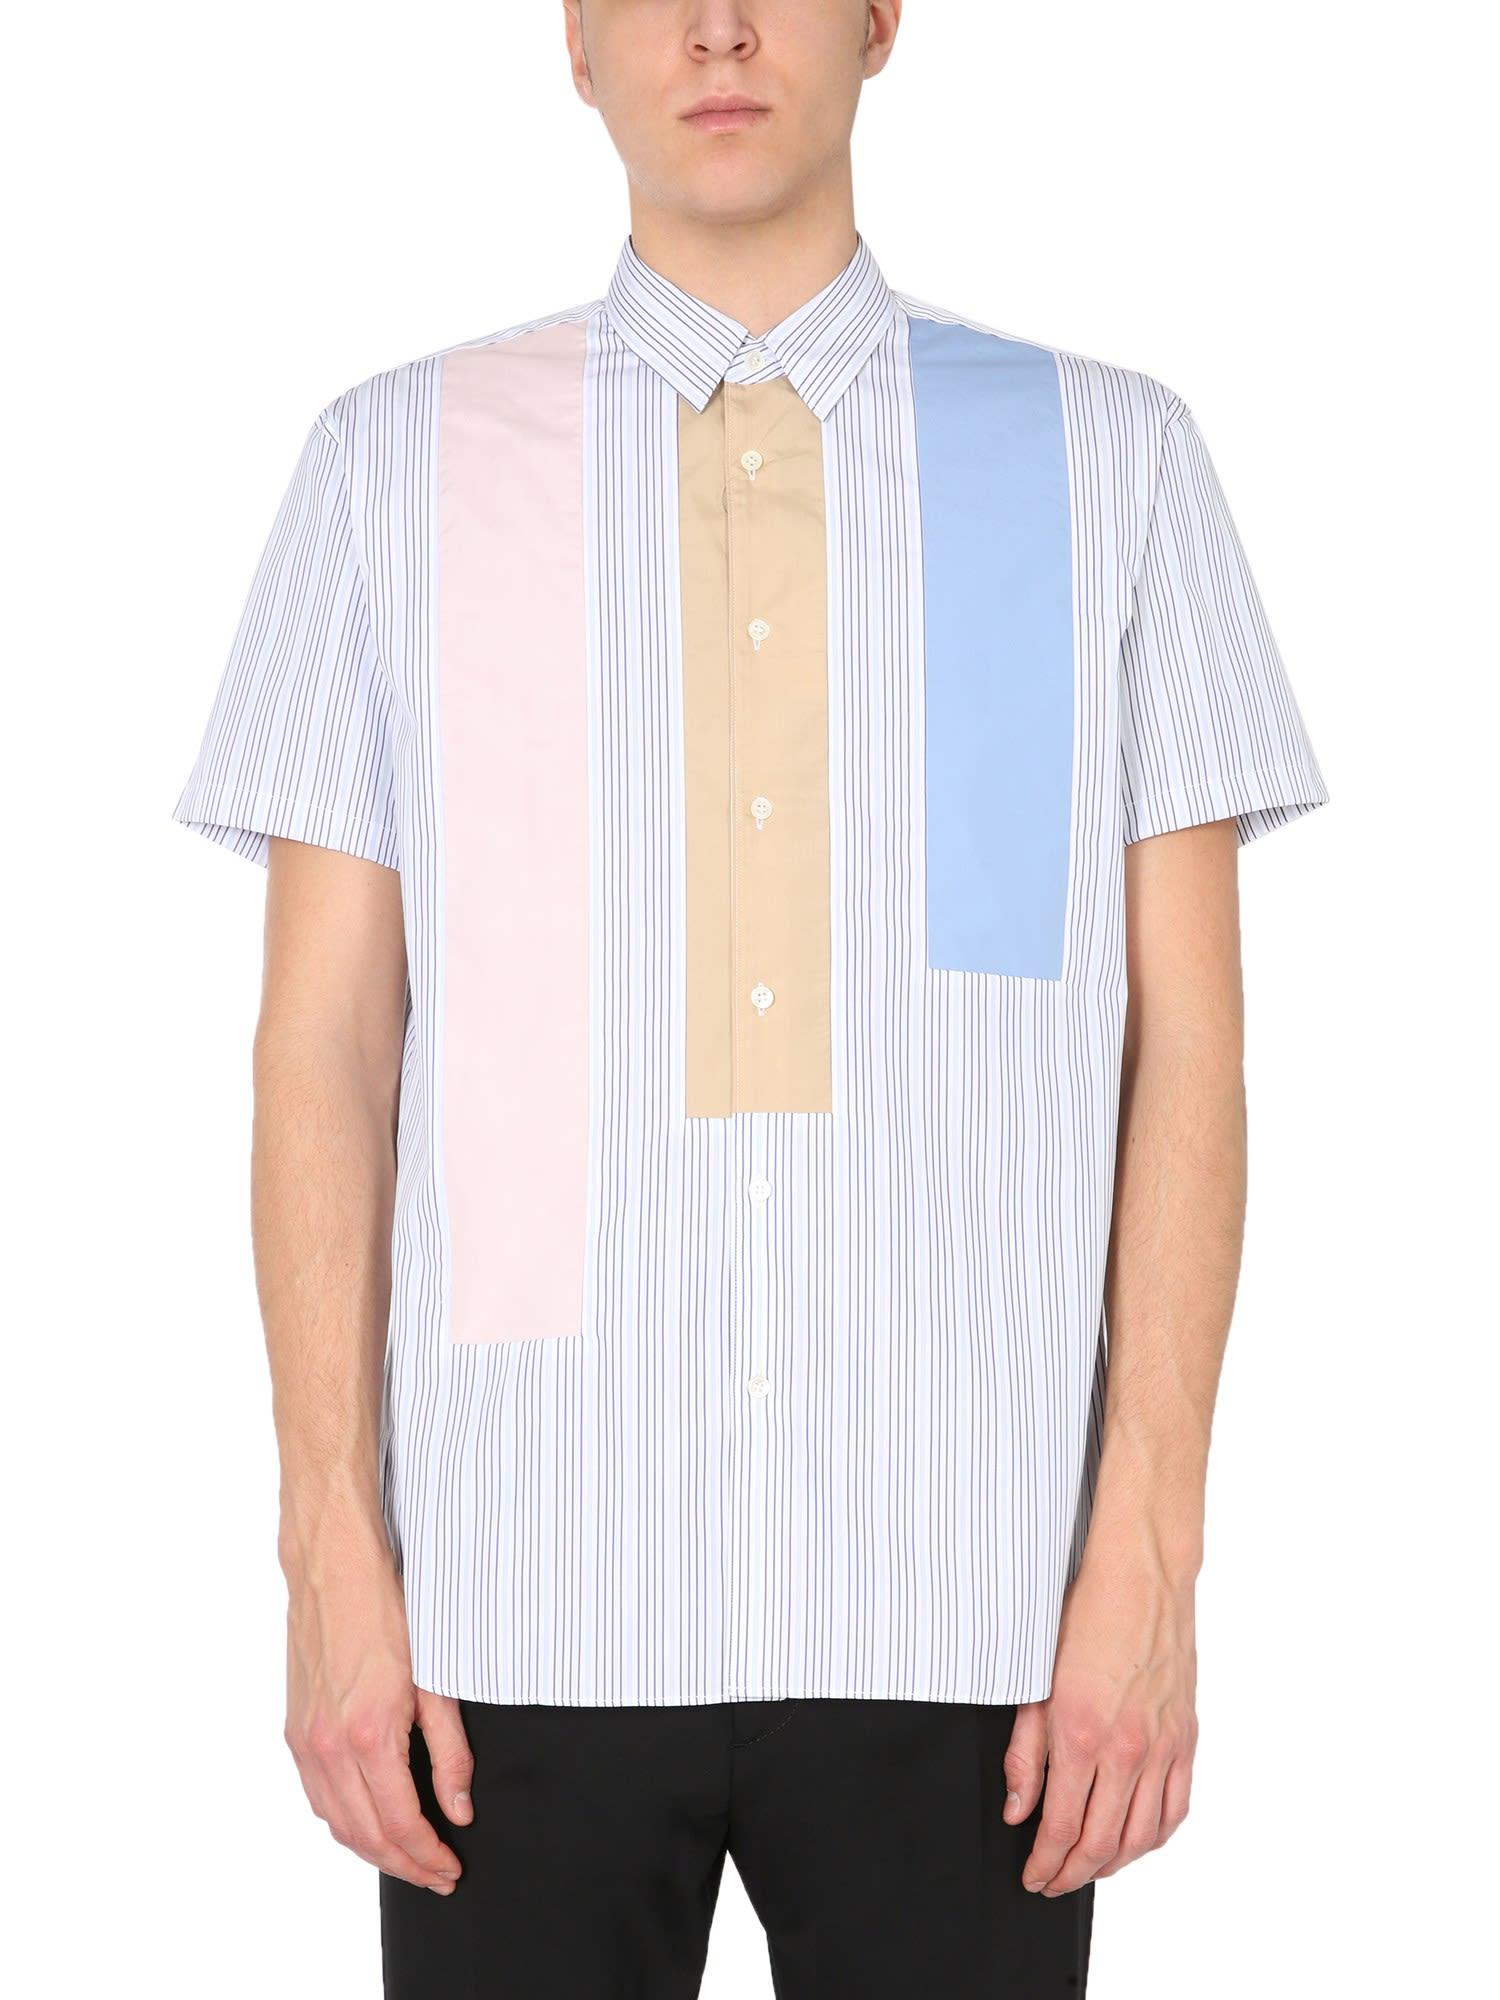 Comme Des Garçons Shirt Cottons STRIPE PATTERN SHIRT